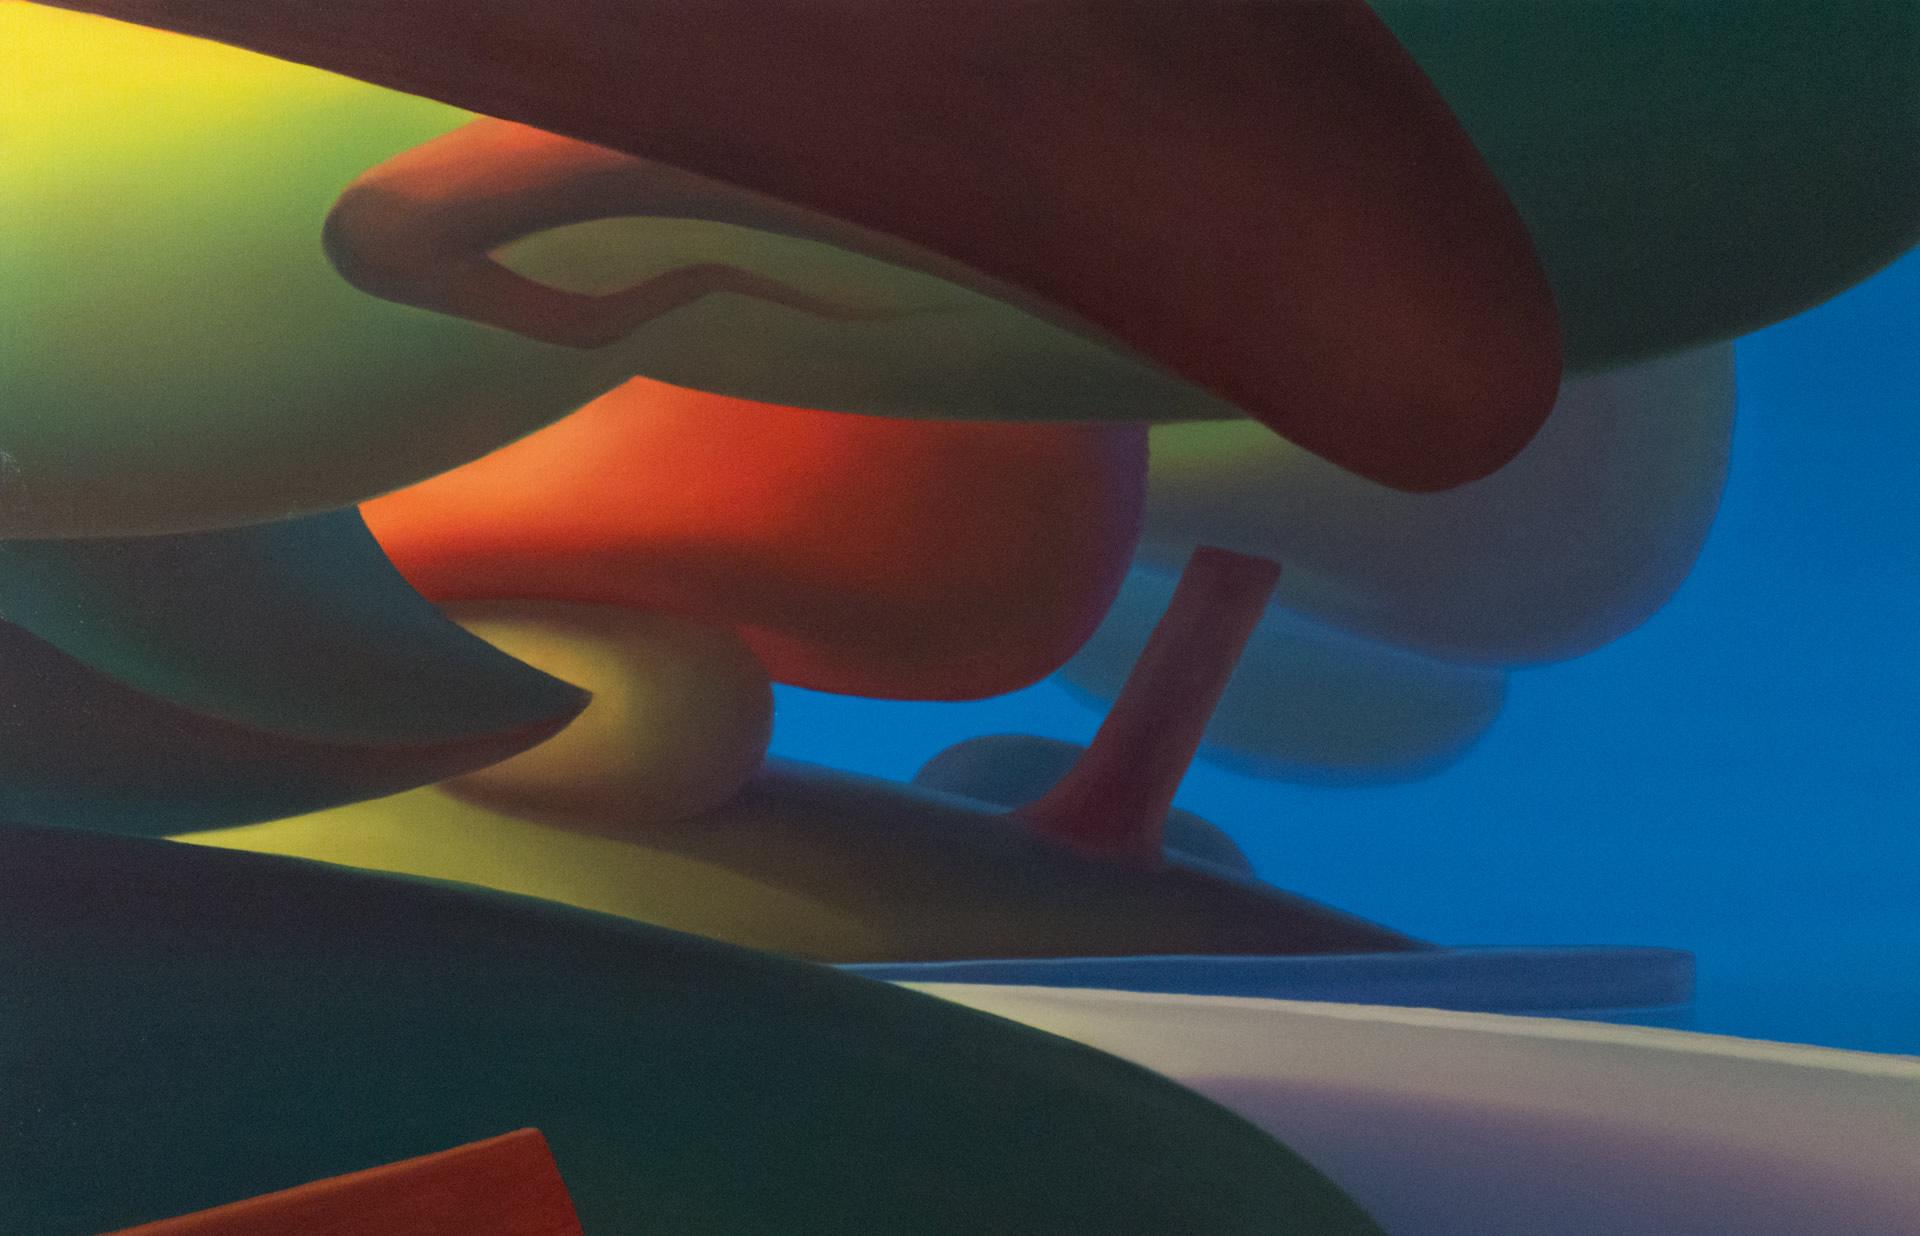 Tim-Fraser-Passage-Online-Art-Galleries-1236